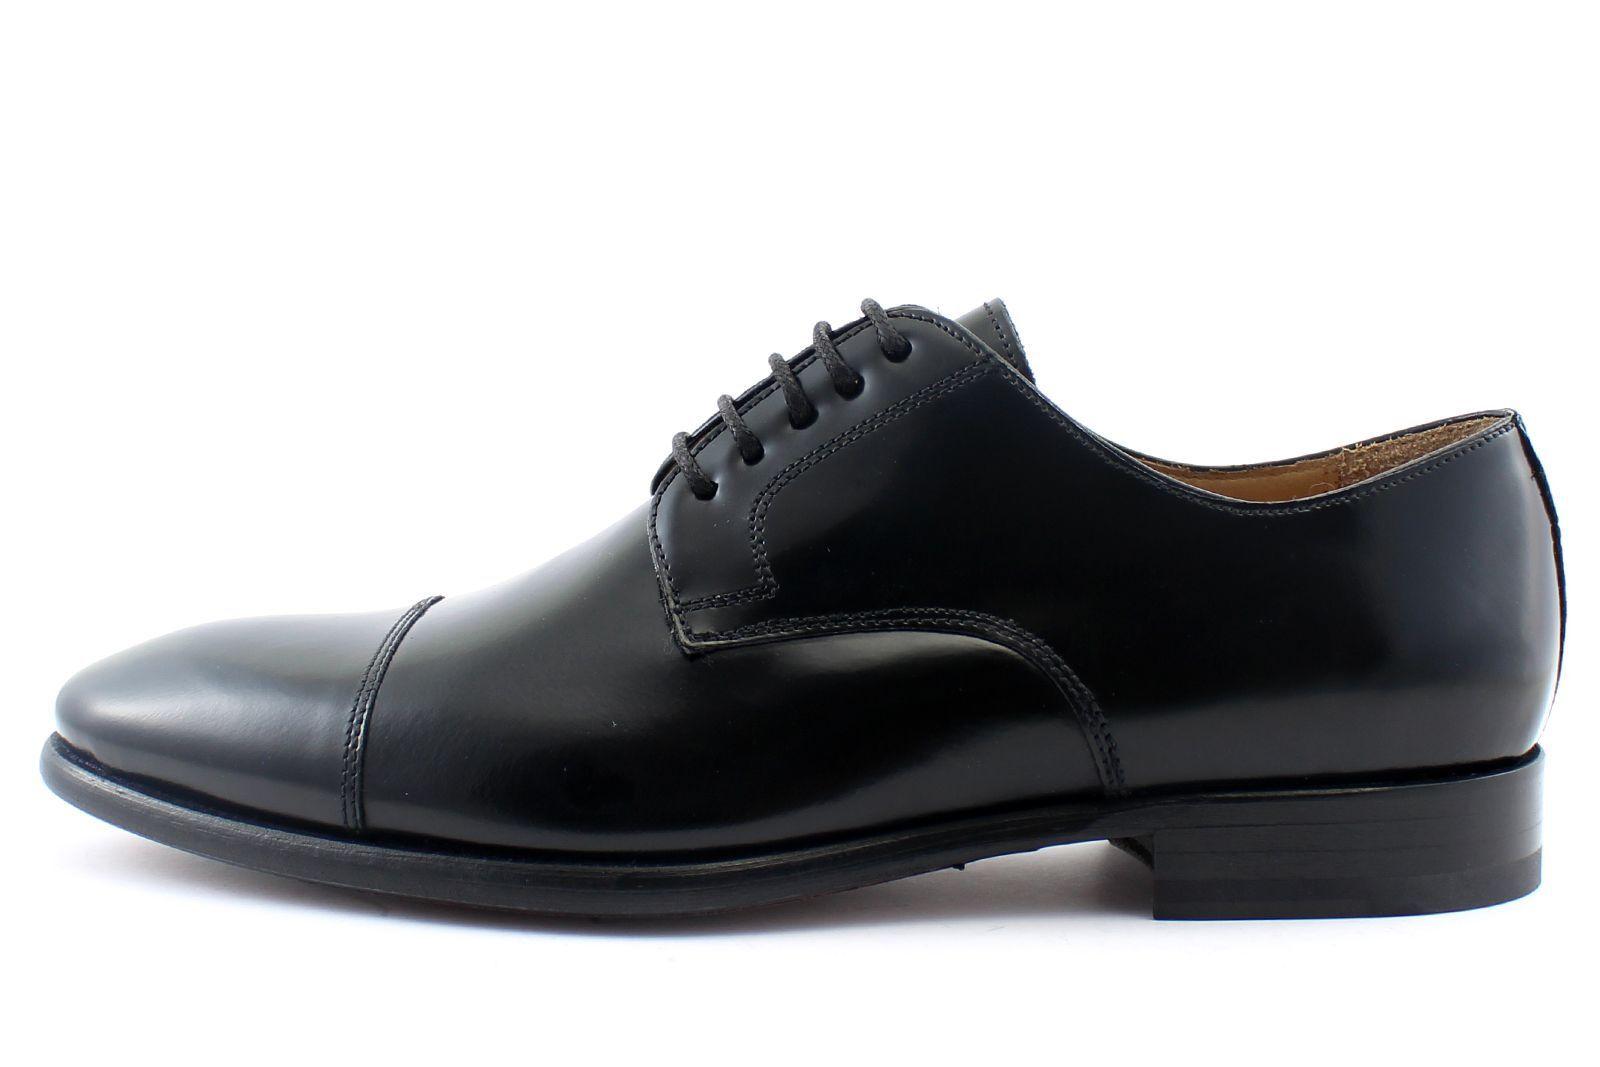 Men shoes leather Italian Giorgio Rea US 7 8 9 10 11 12 dress oxford 07358NE